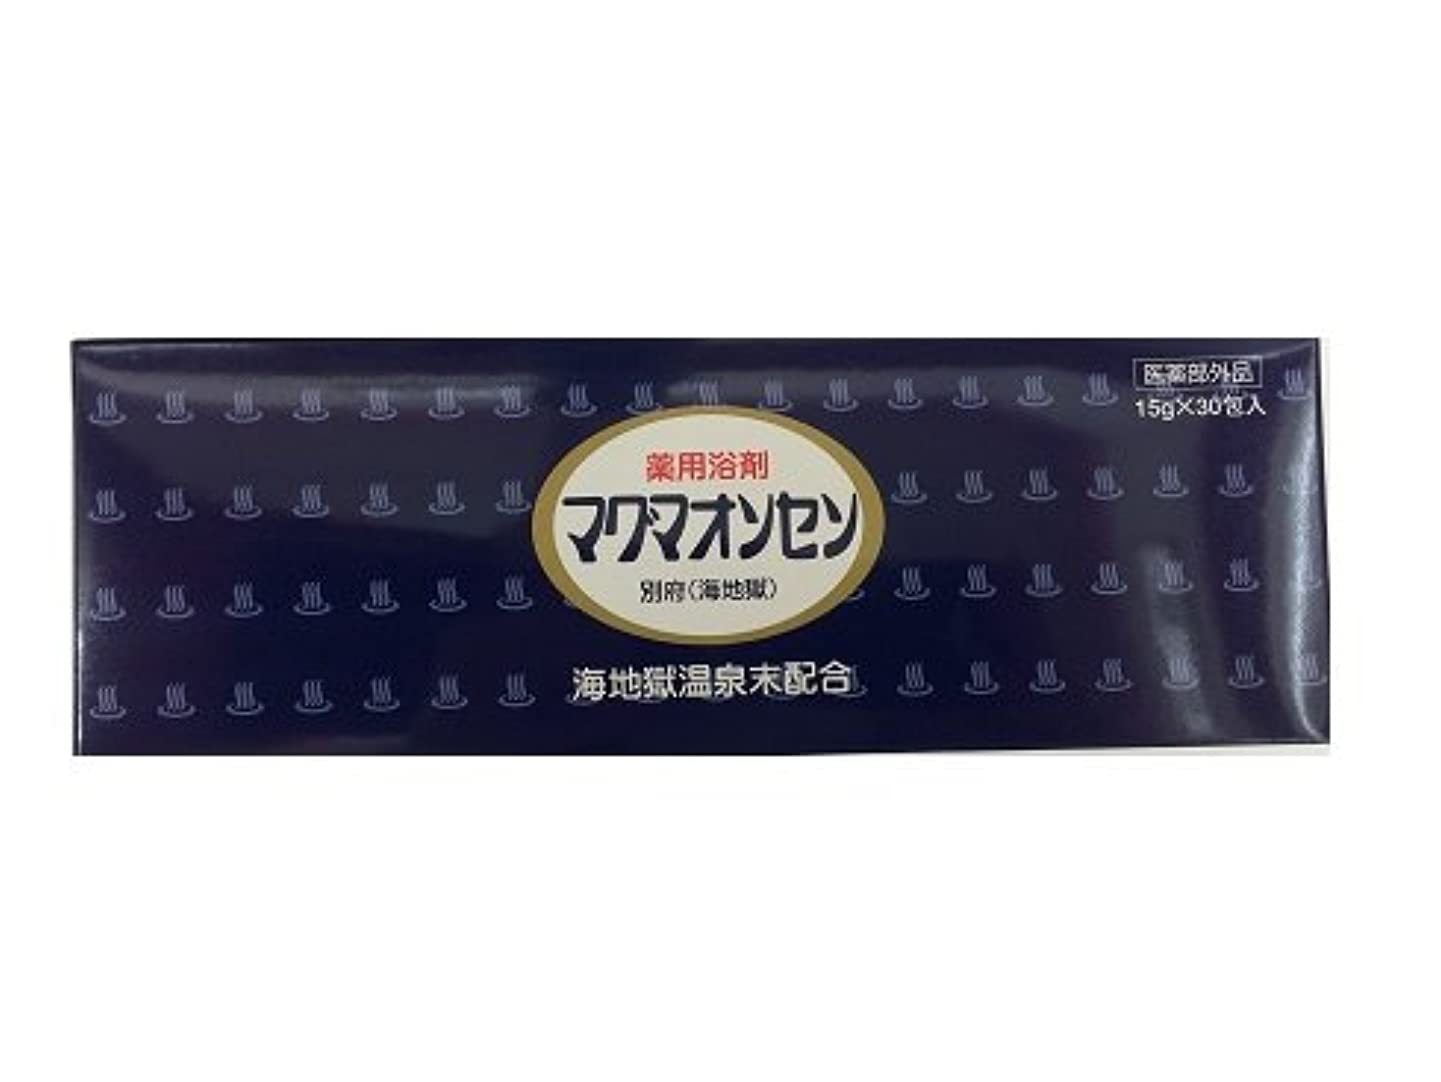 マグマオンセン別府(海地獄) 15g×30包入三箱